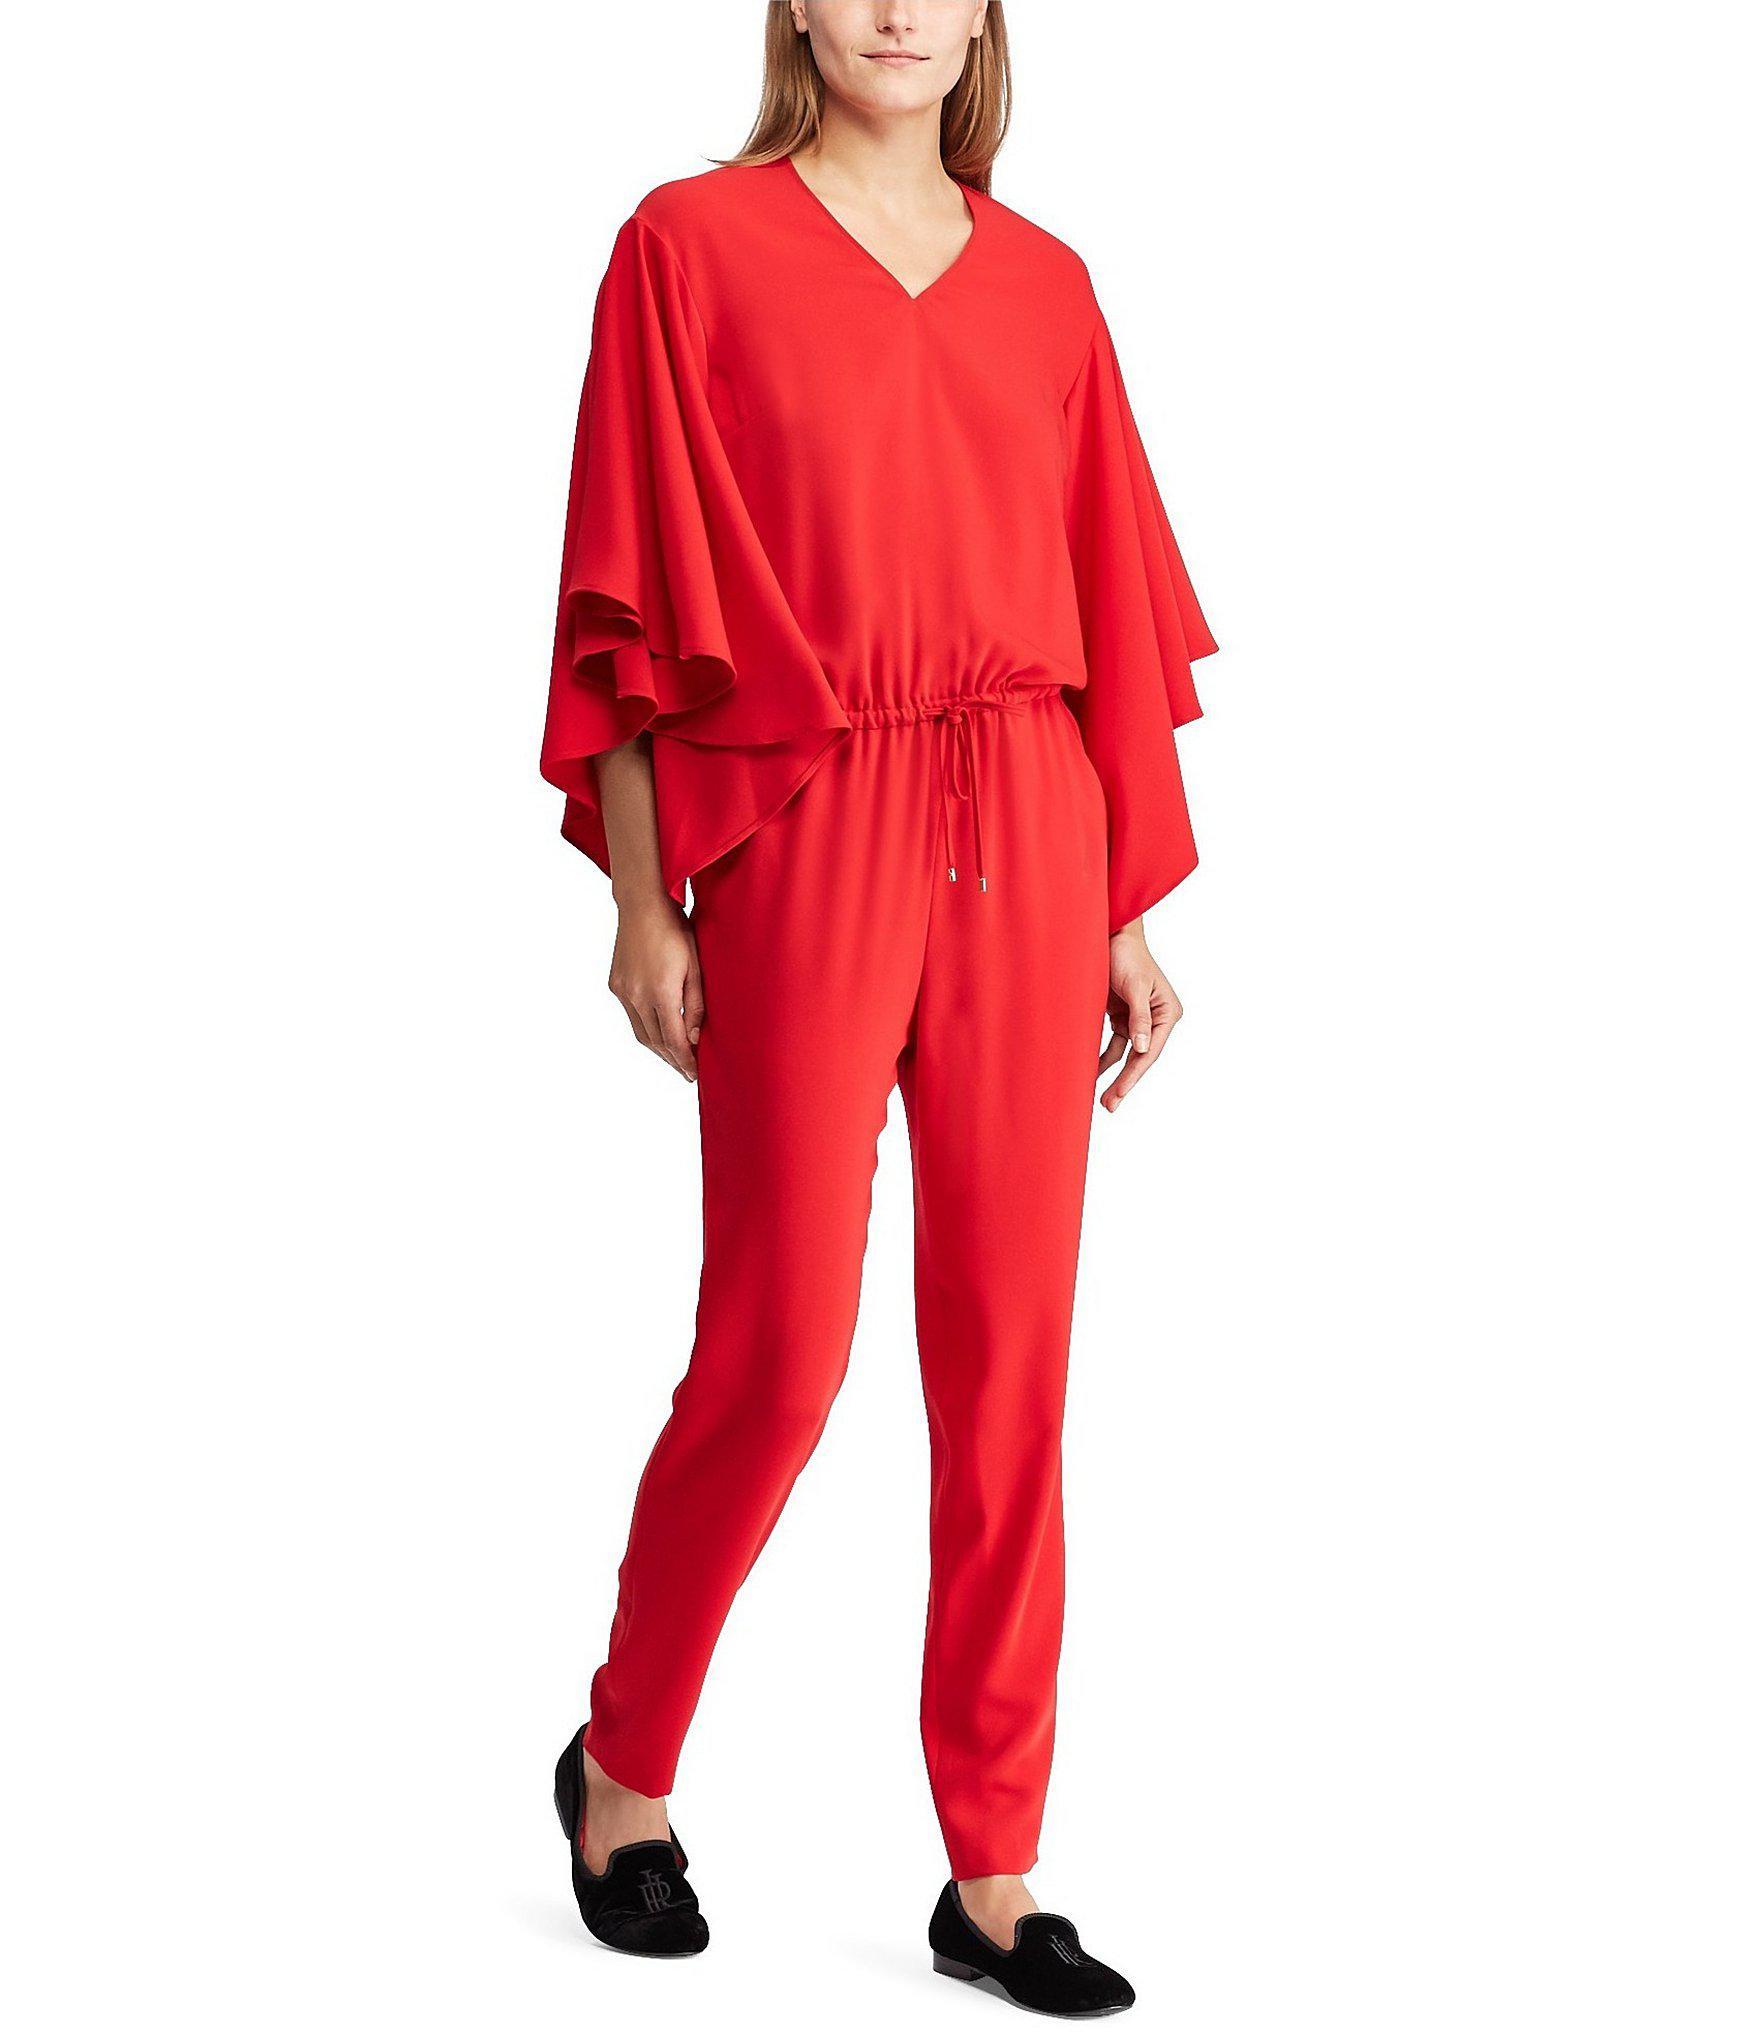 2c58d57c813 Lyst - Lauren by Ralph Lauren Crepe V-neck Jumpsuit in Red